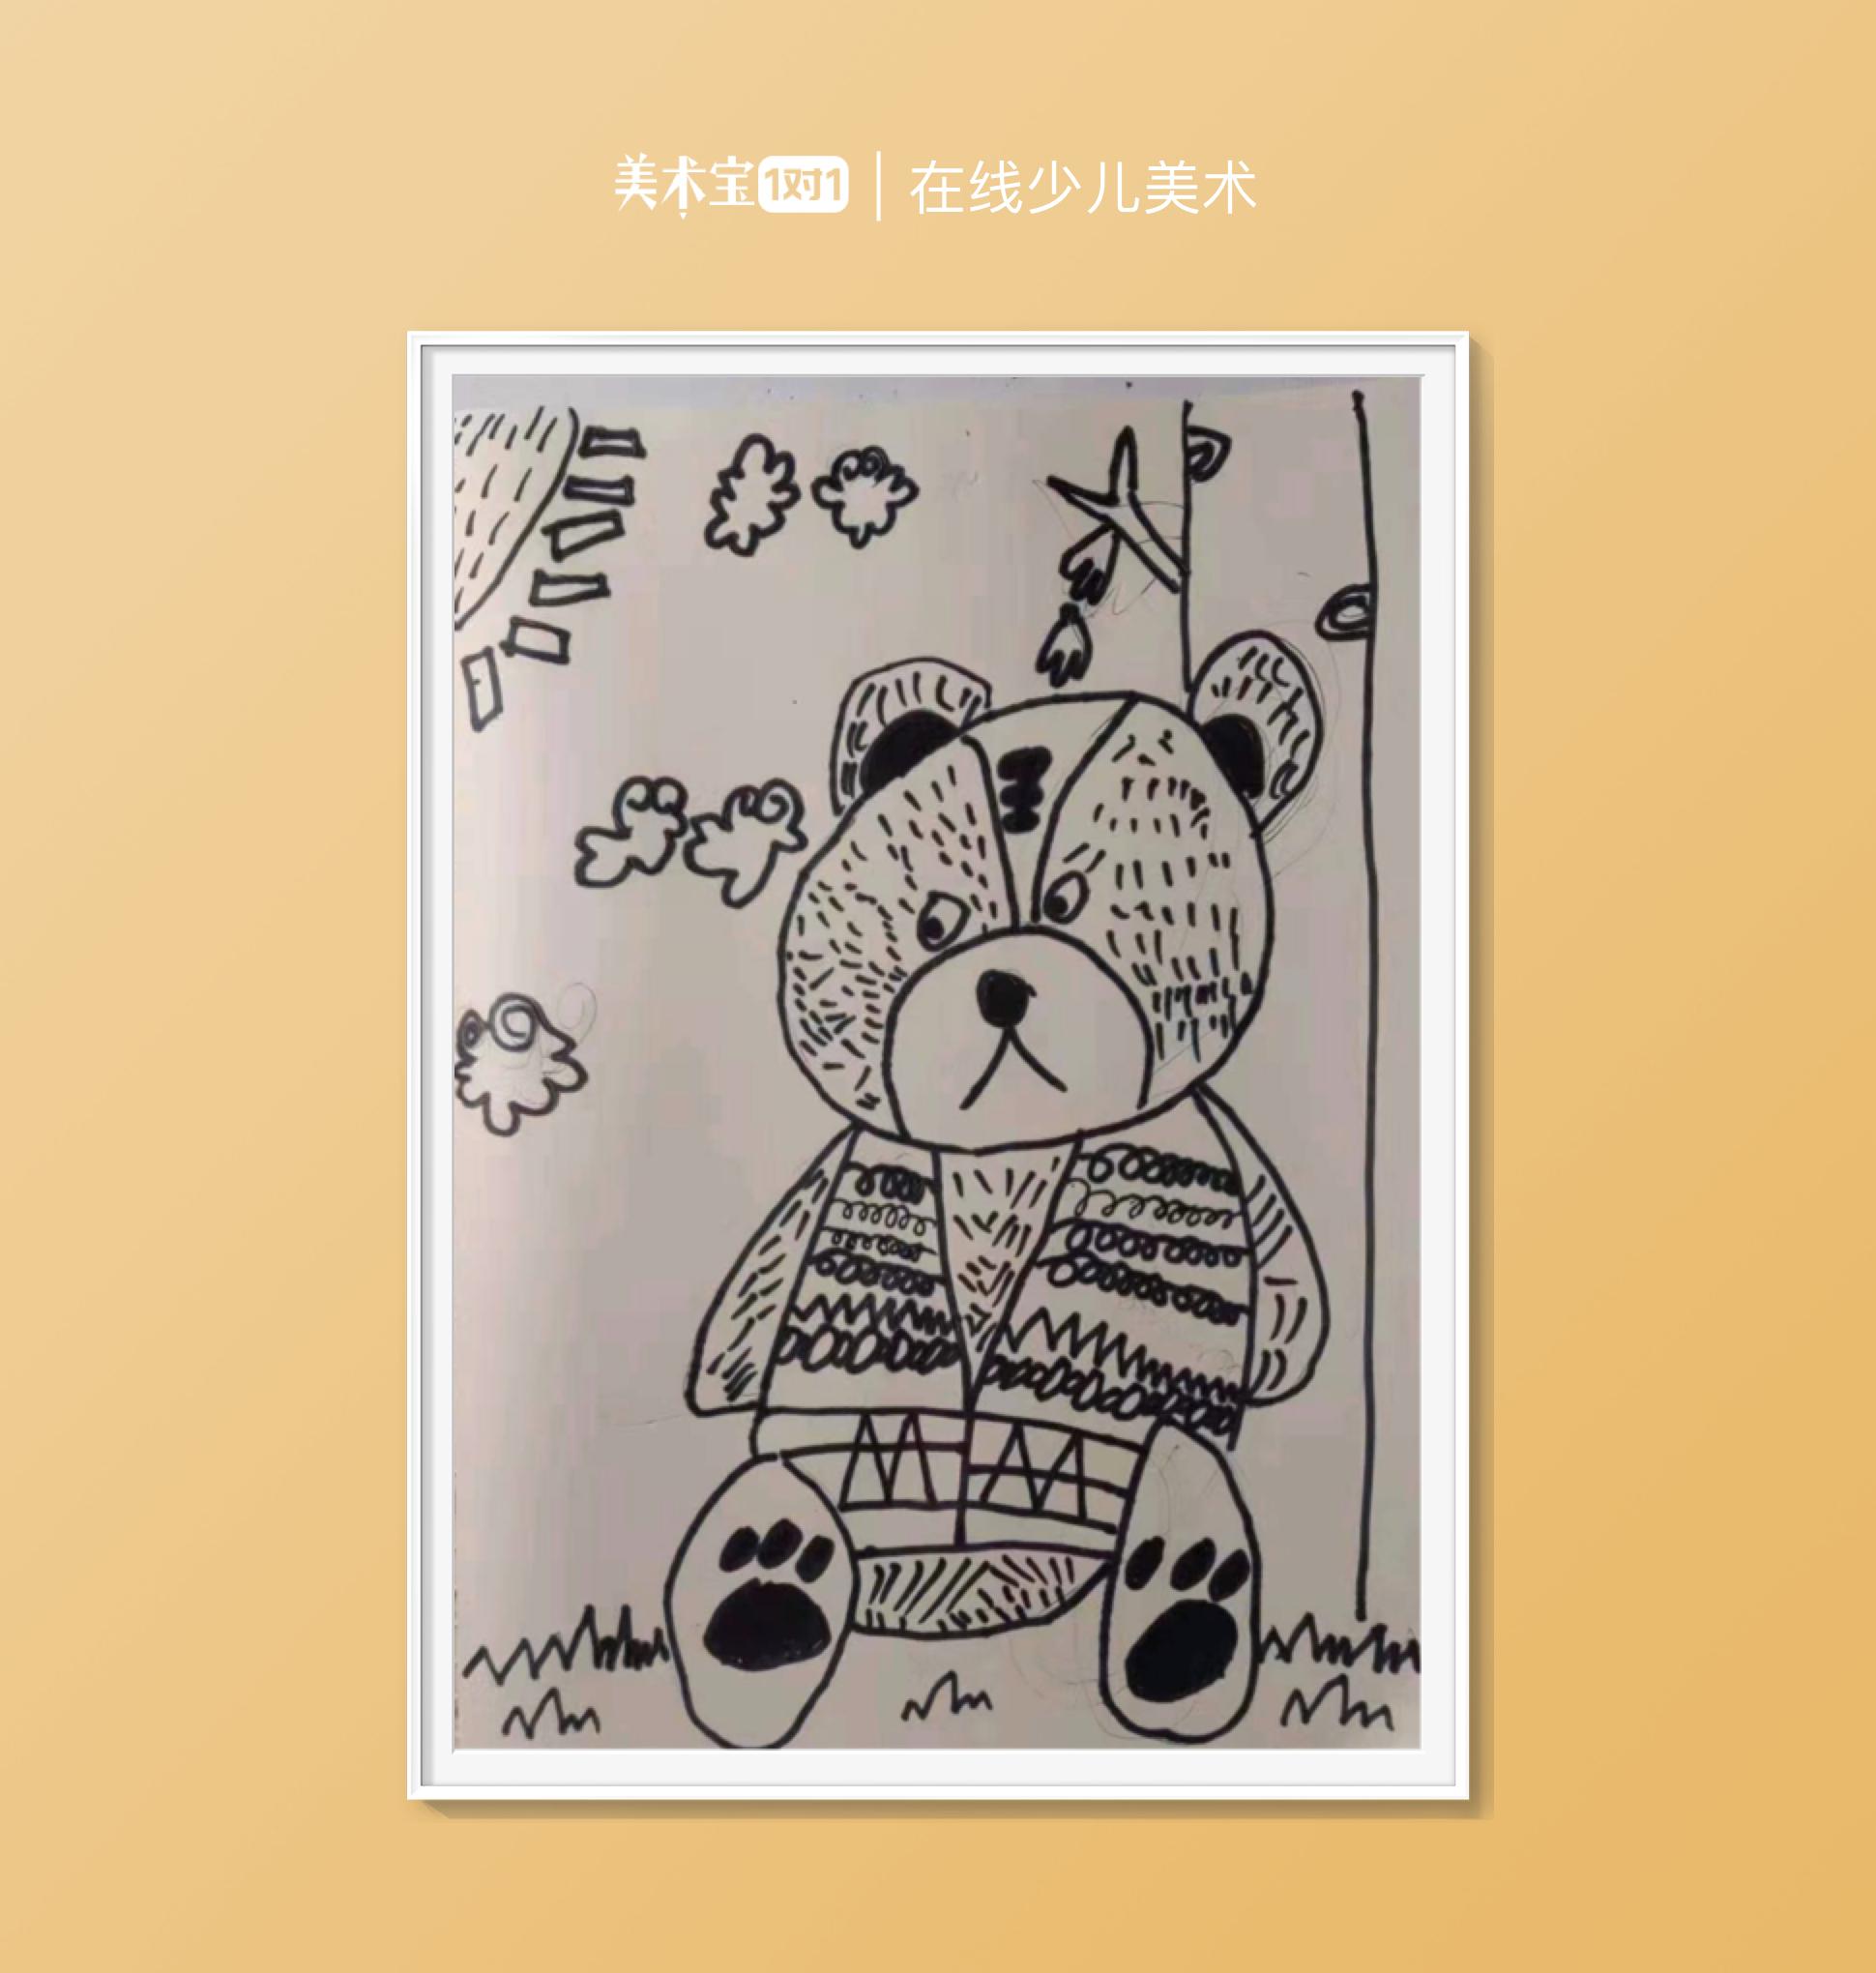 線描簡單裝飾《可愛的玩具熊》